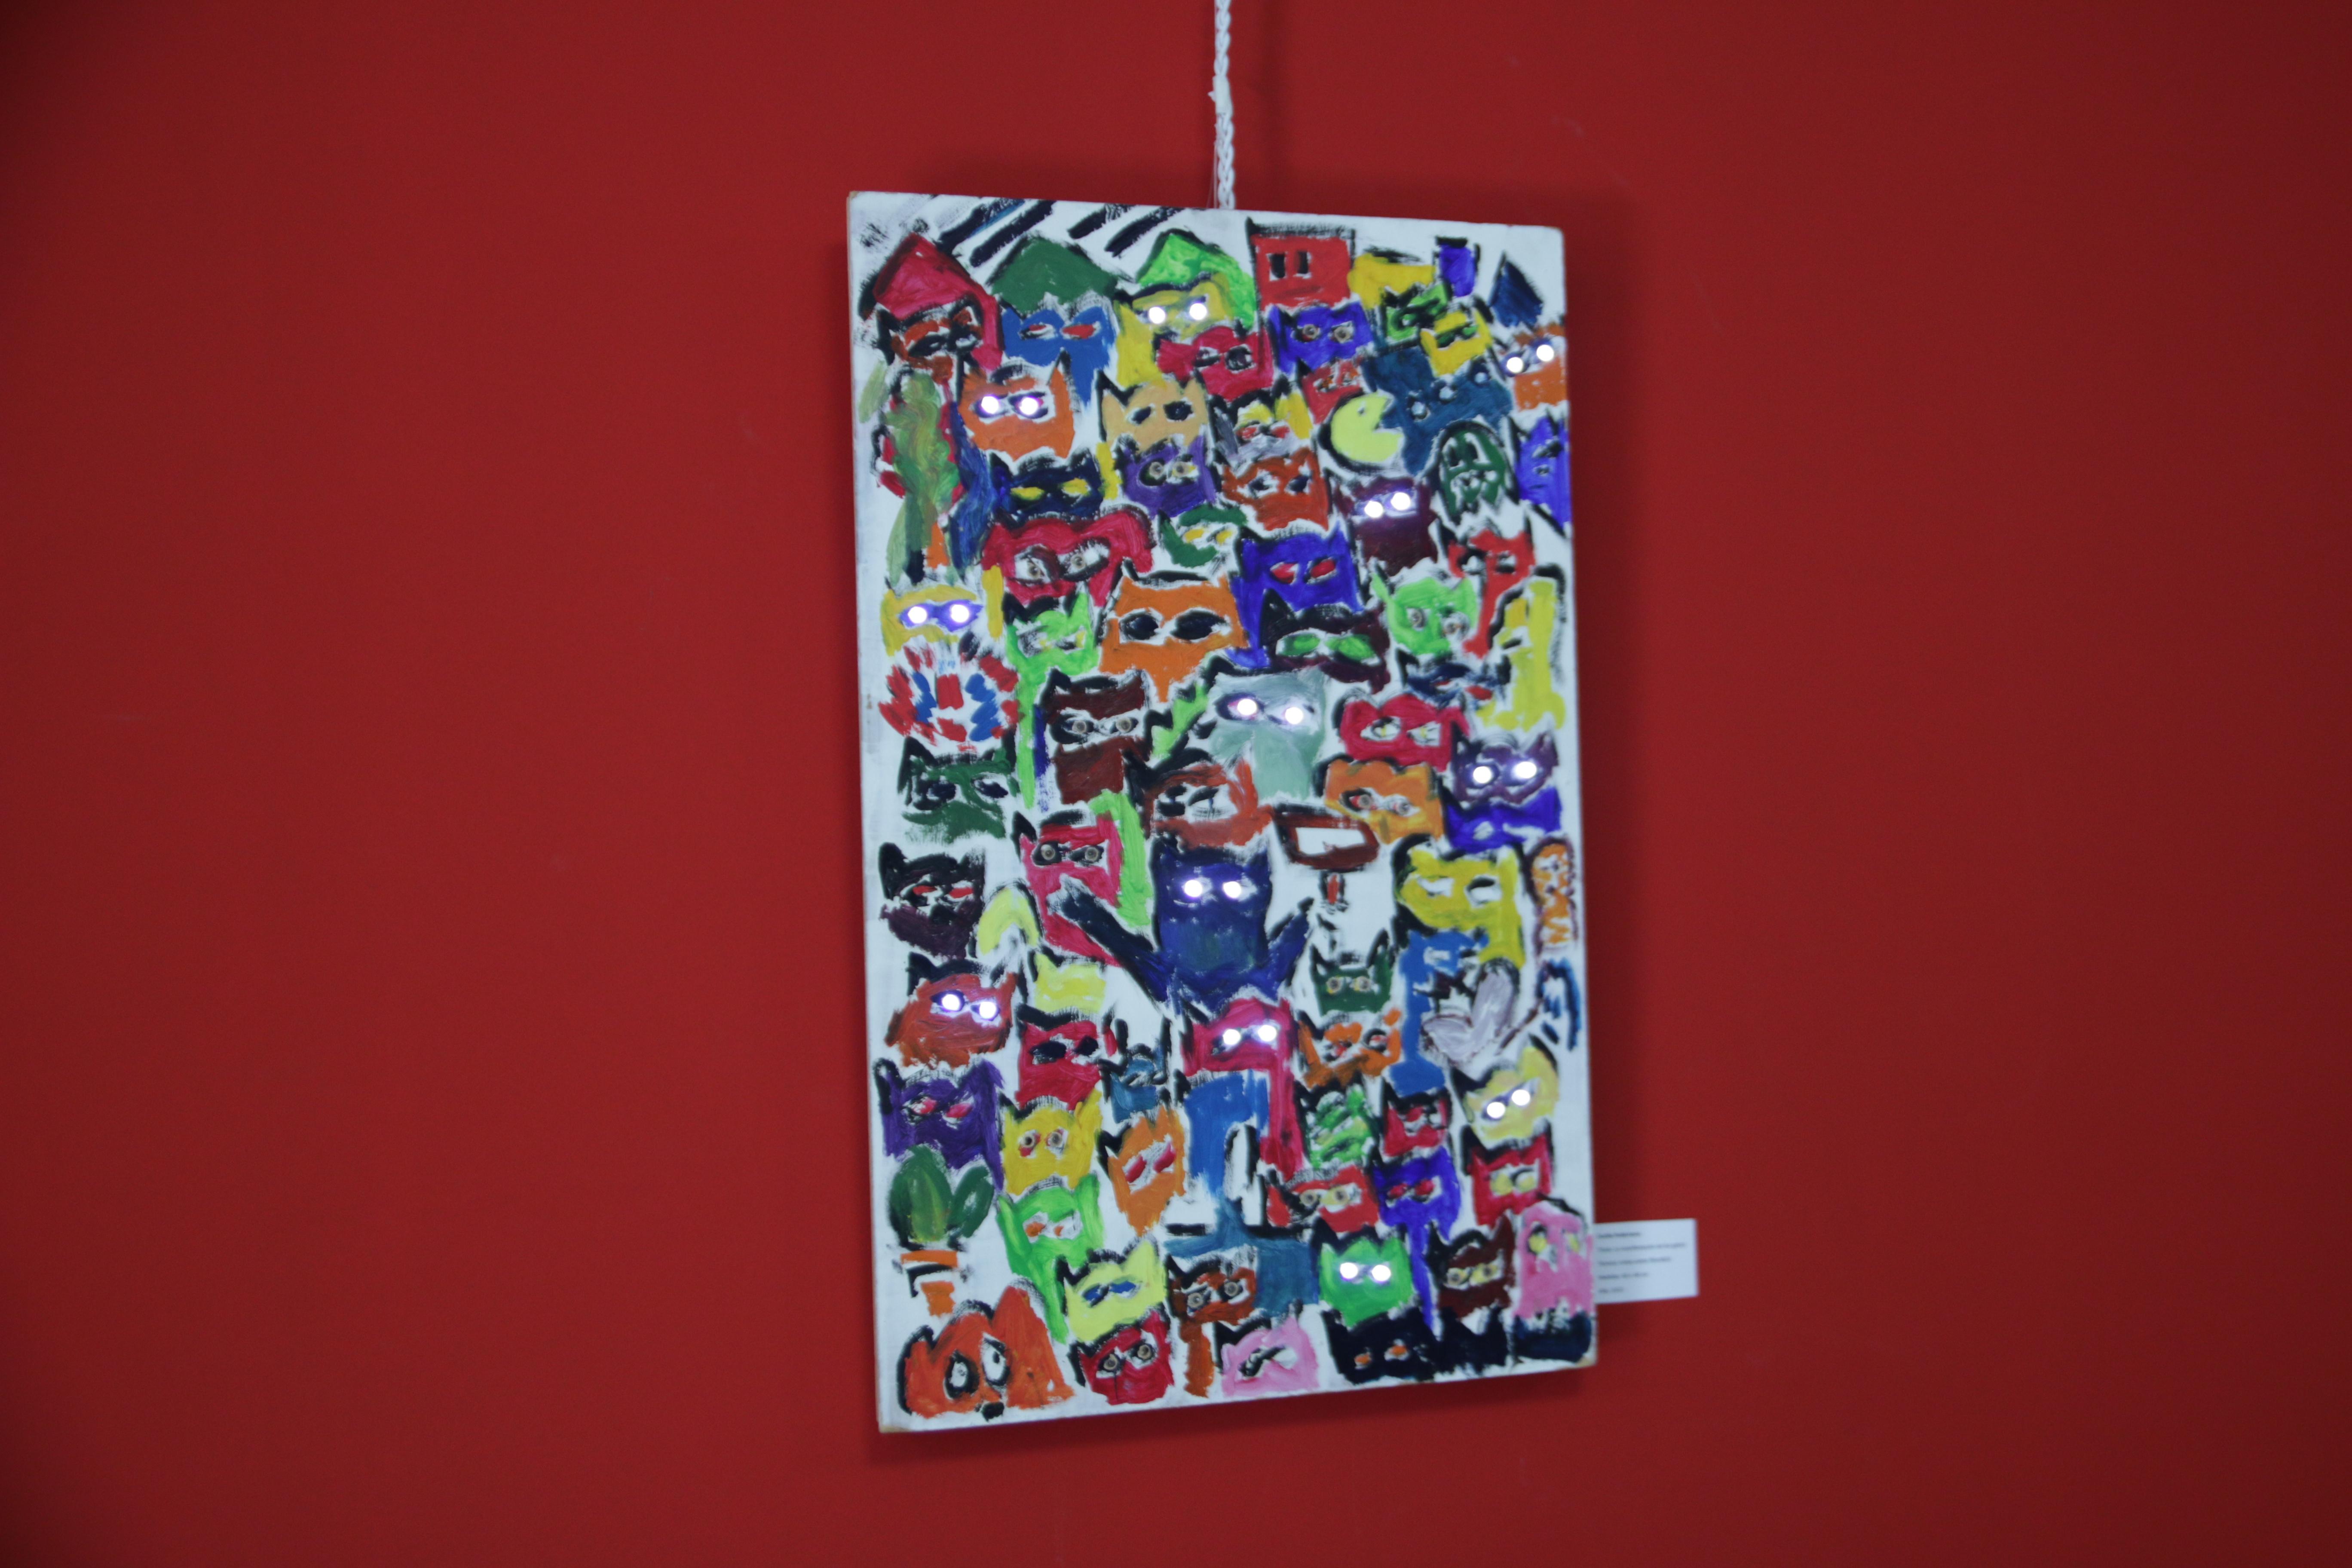 Foto muestra *4 - Del imaginario a Undav, primera muestra colectiva de artistas estudiantes